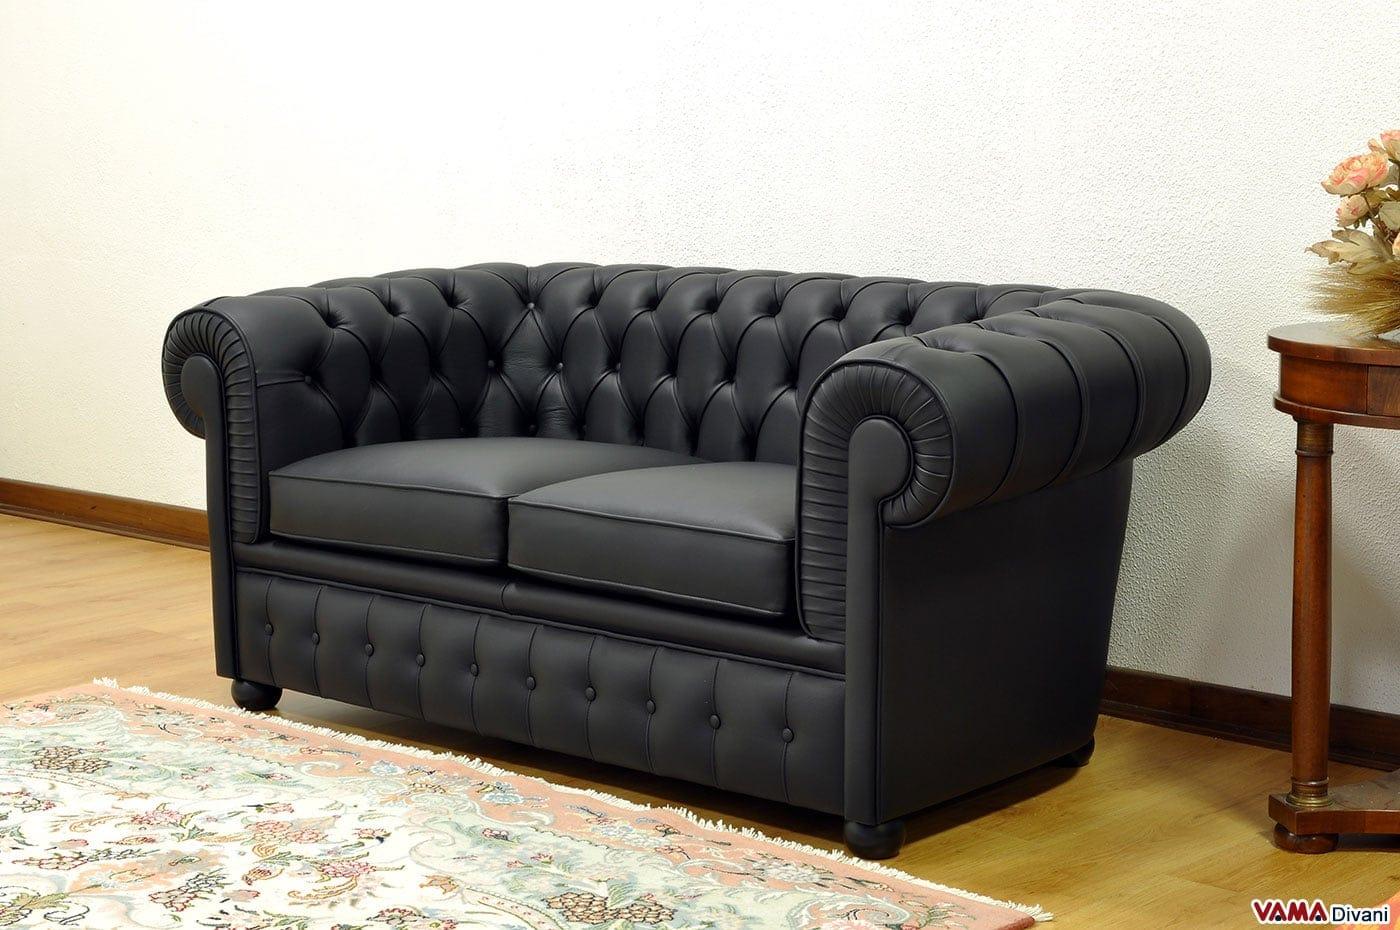 Divano chesterfield 2 posti vama divani for Divano letto in pelle prezzi